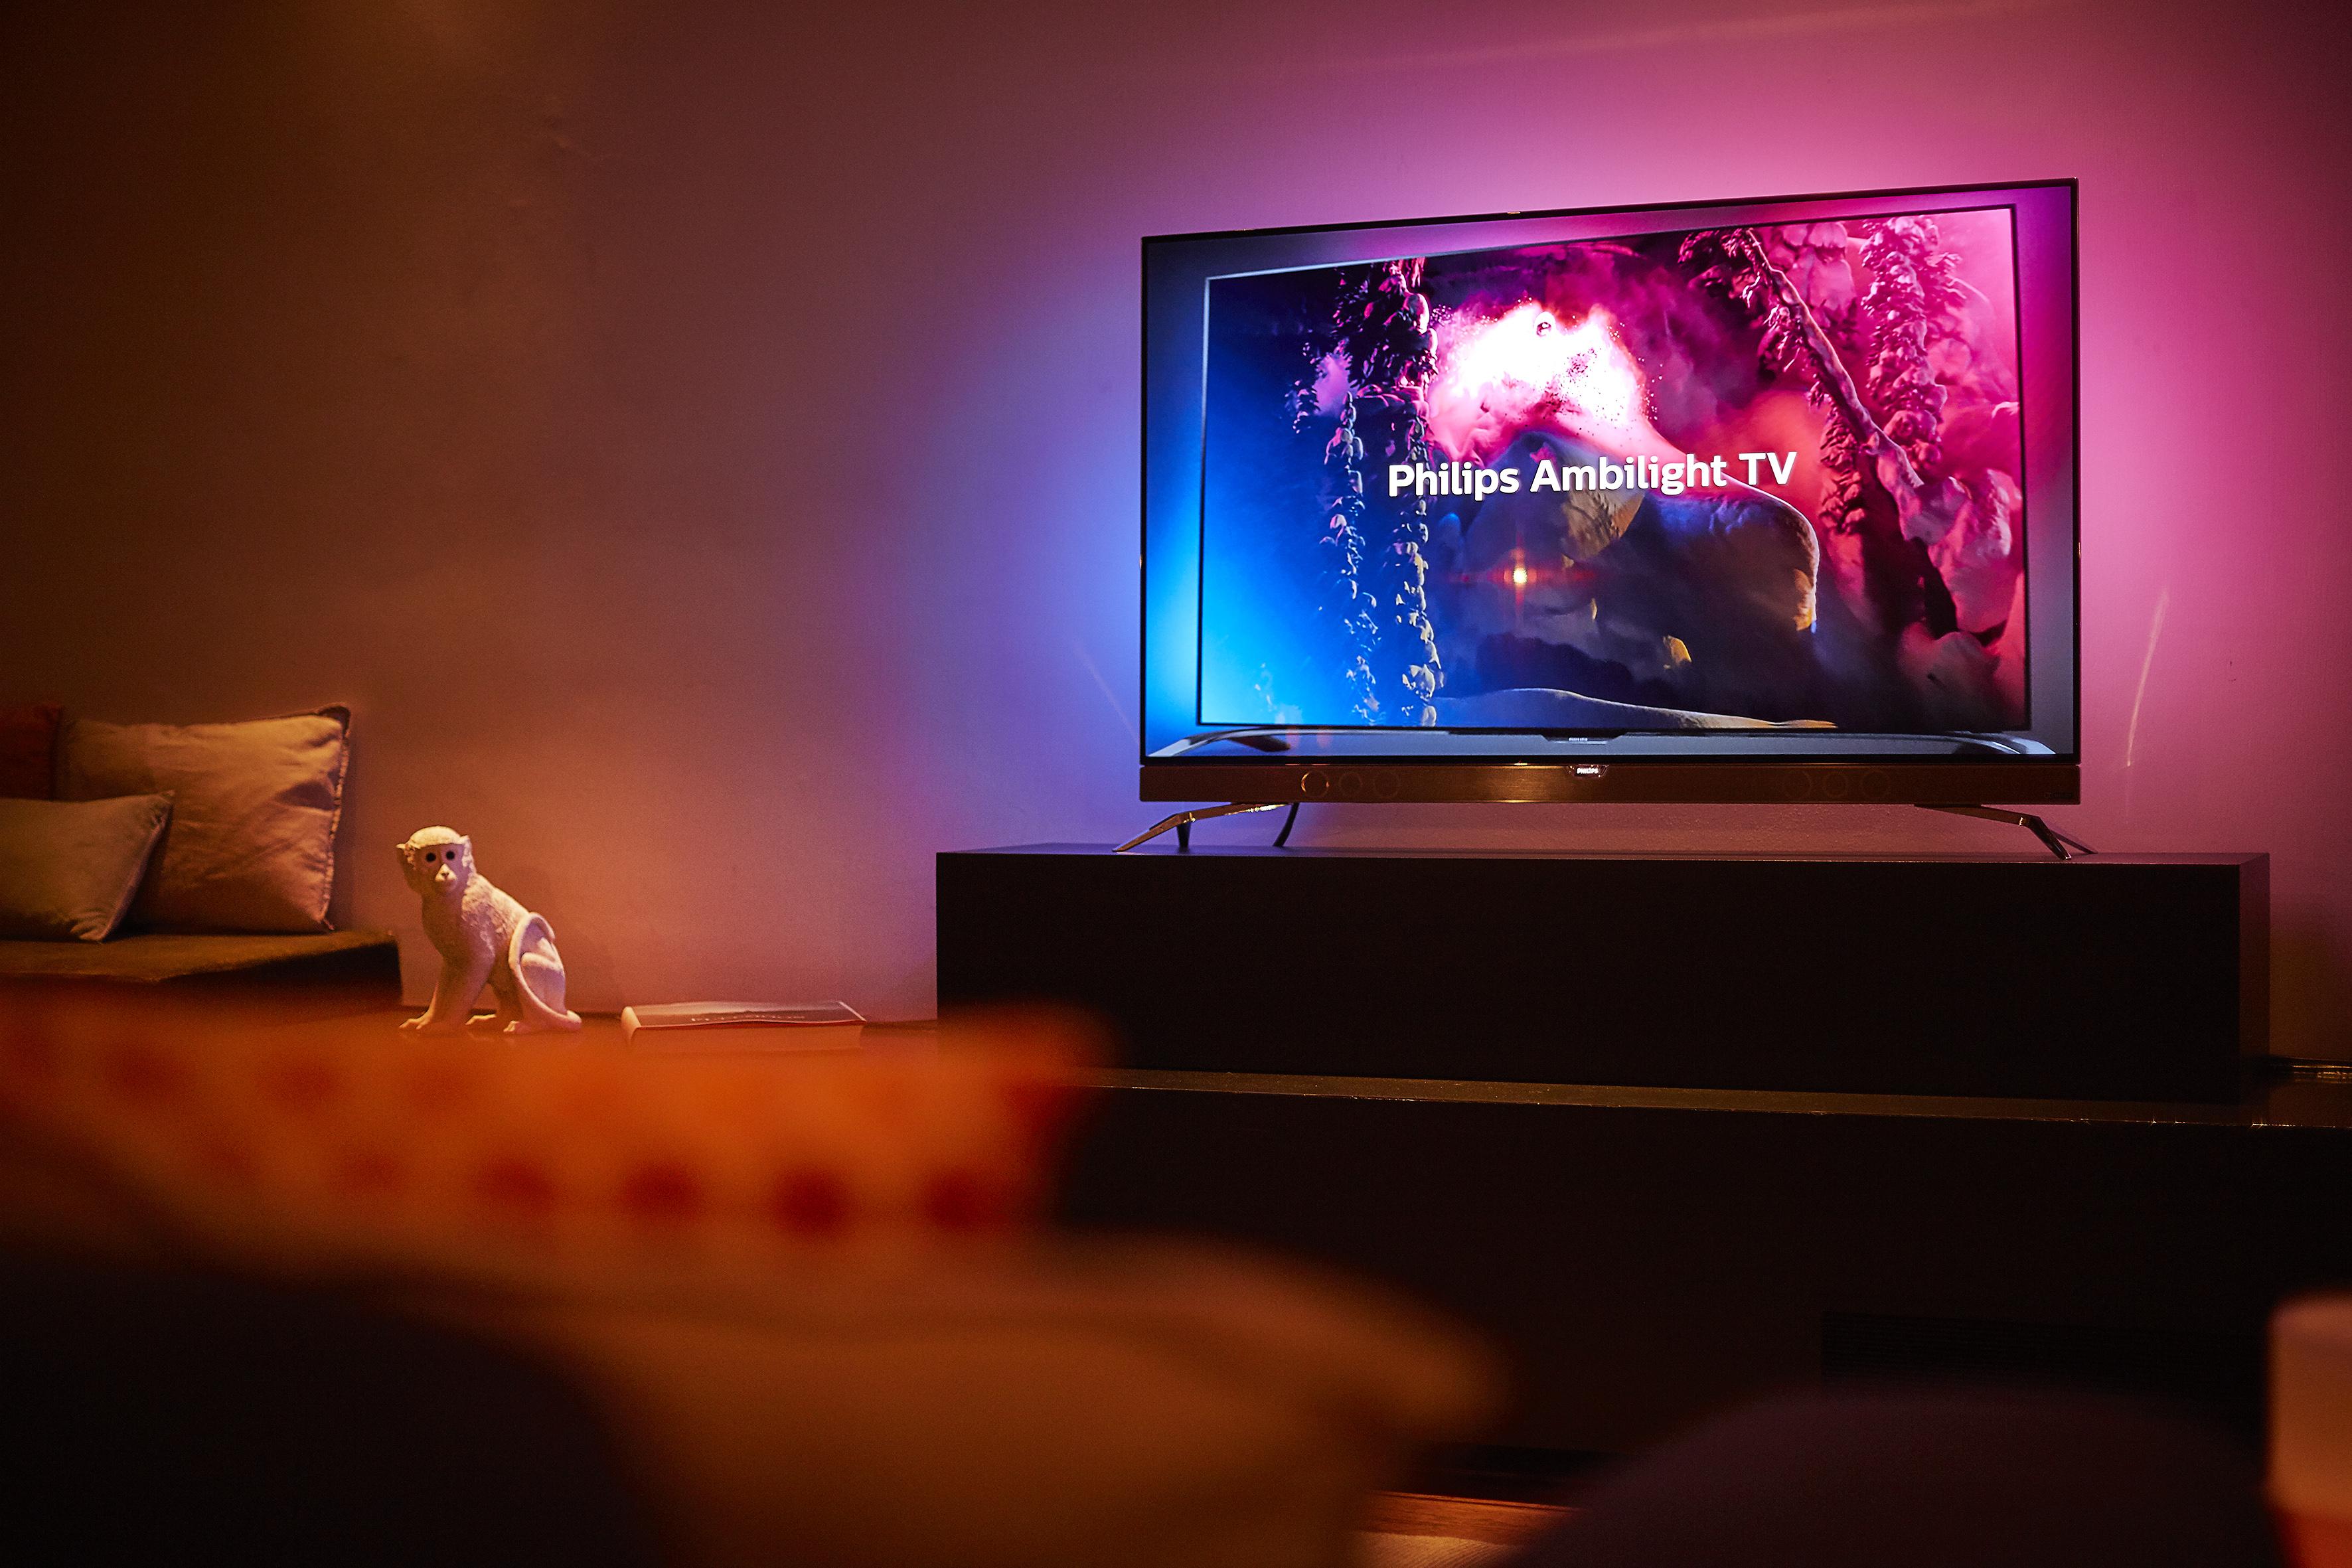 5d1617ddb PC Revue | ČR: Spoločnosť Philips TV predstavila nové televízory pre ...